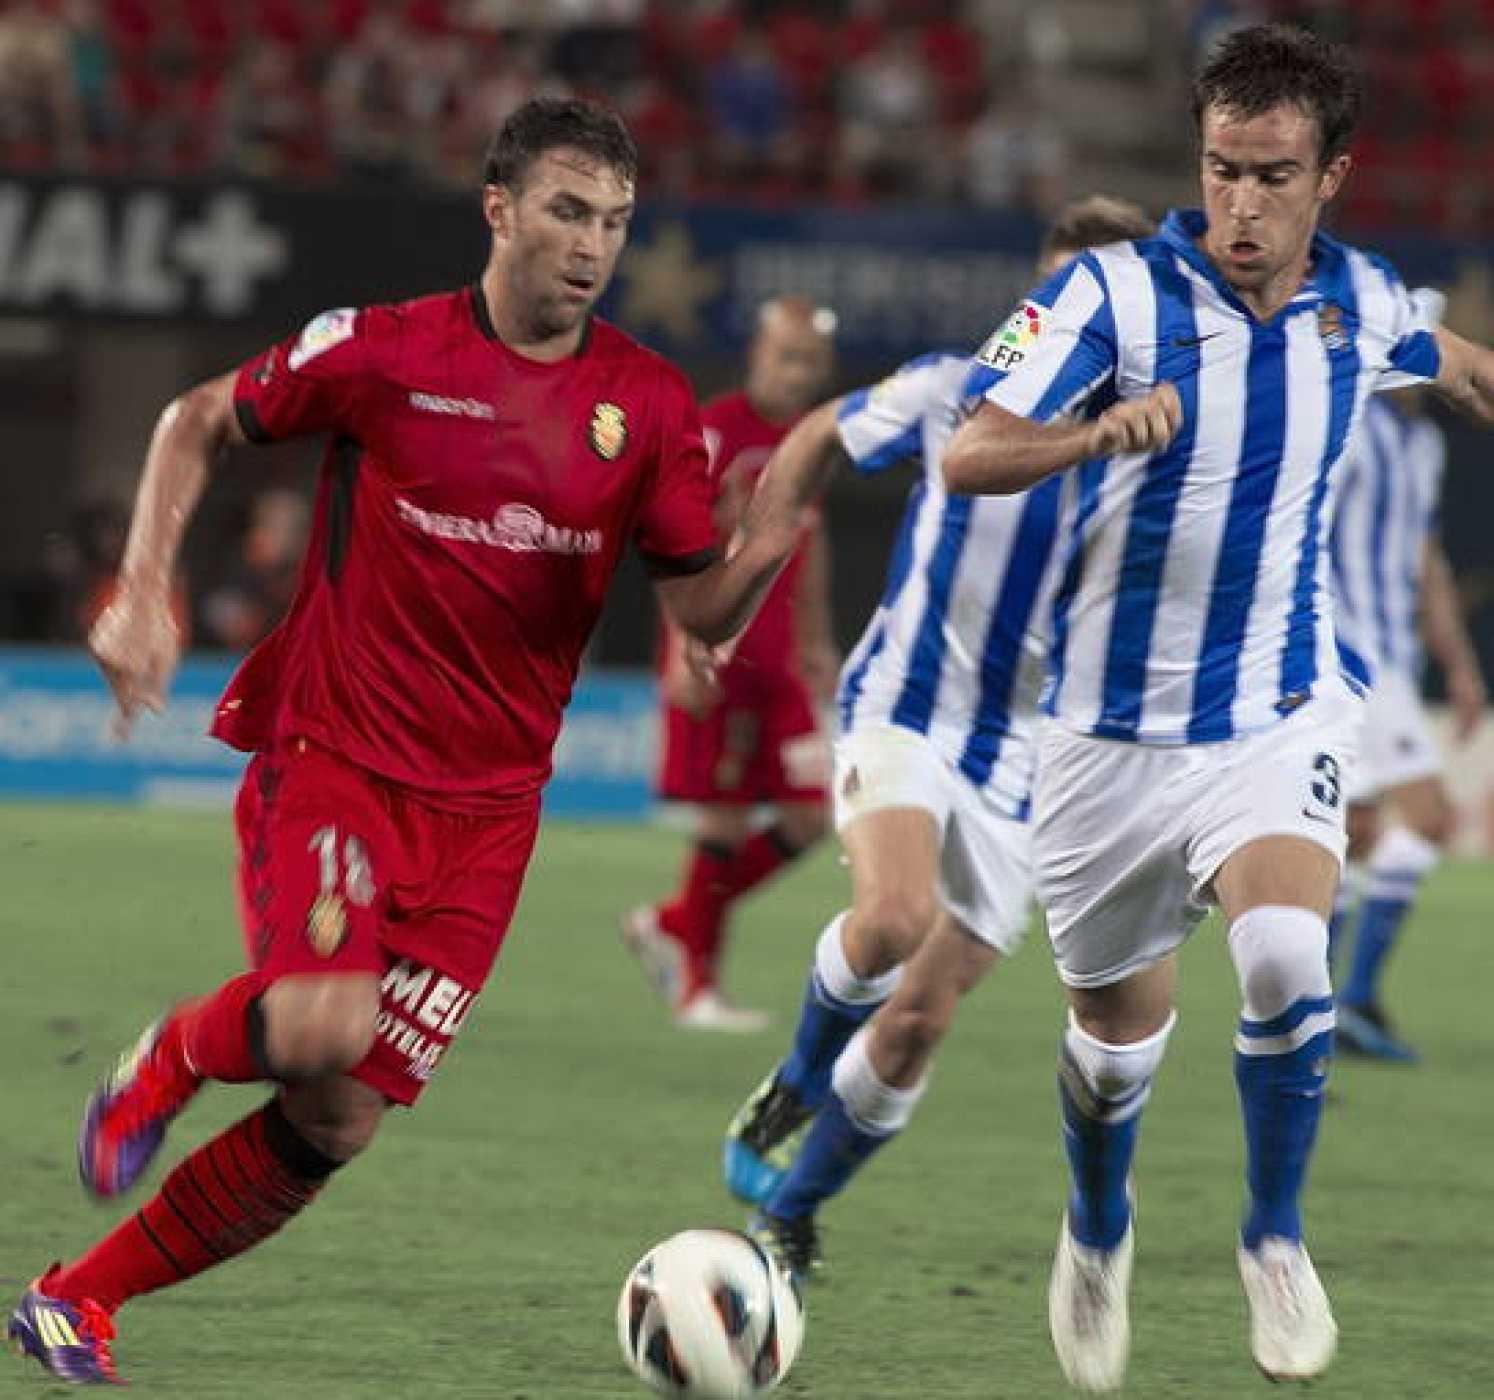 El delantero del RCD Mallorca, Víctor Casadesus (i), disputa el balón con el defensa de la Real Sociedad, Mikel González